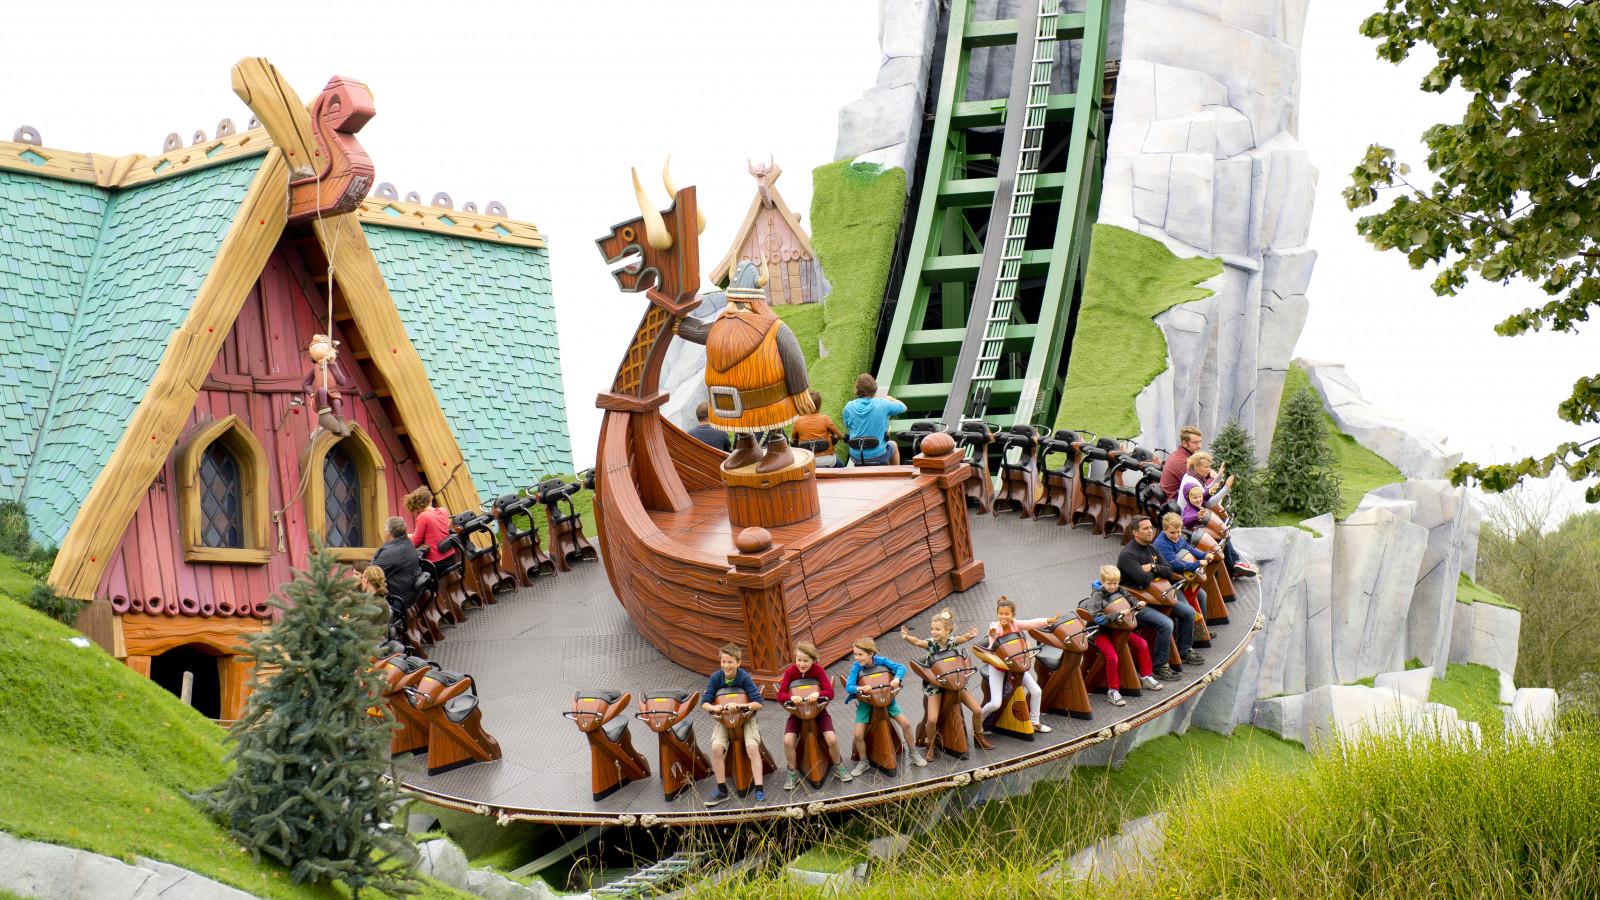 Les célèbres personnages Nickelodeon, pour la première fois à Plopsaland La Panne